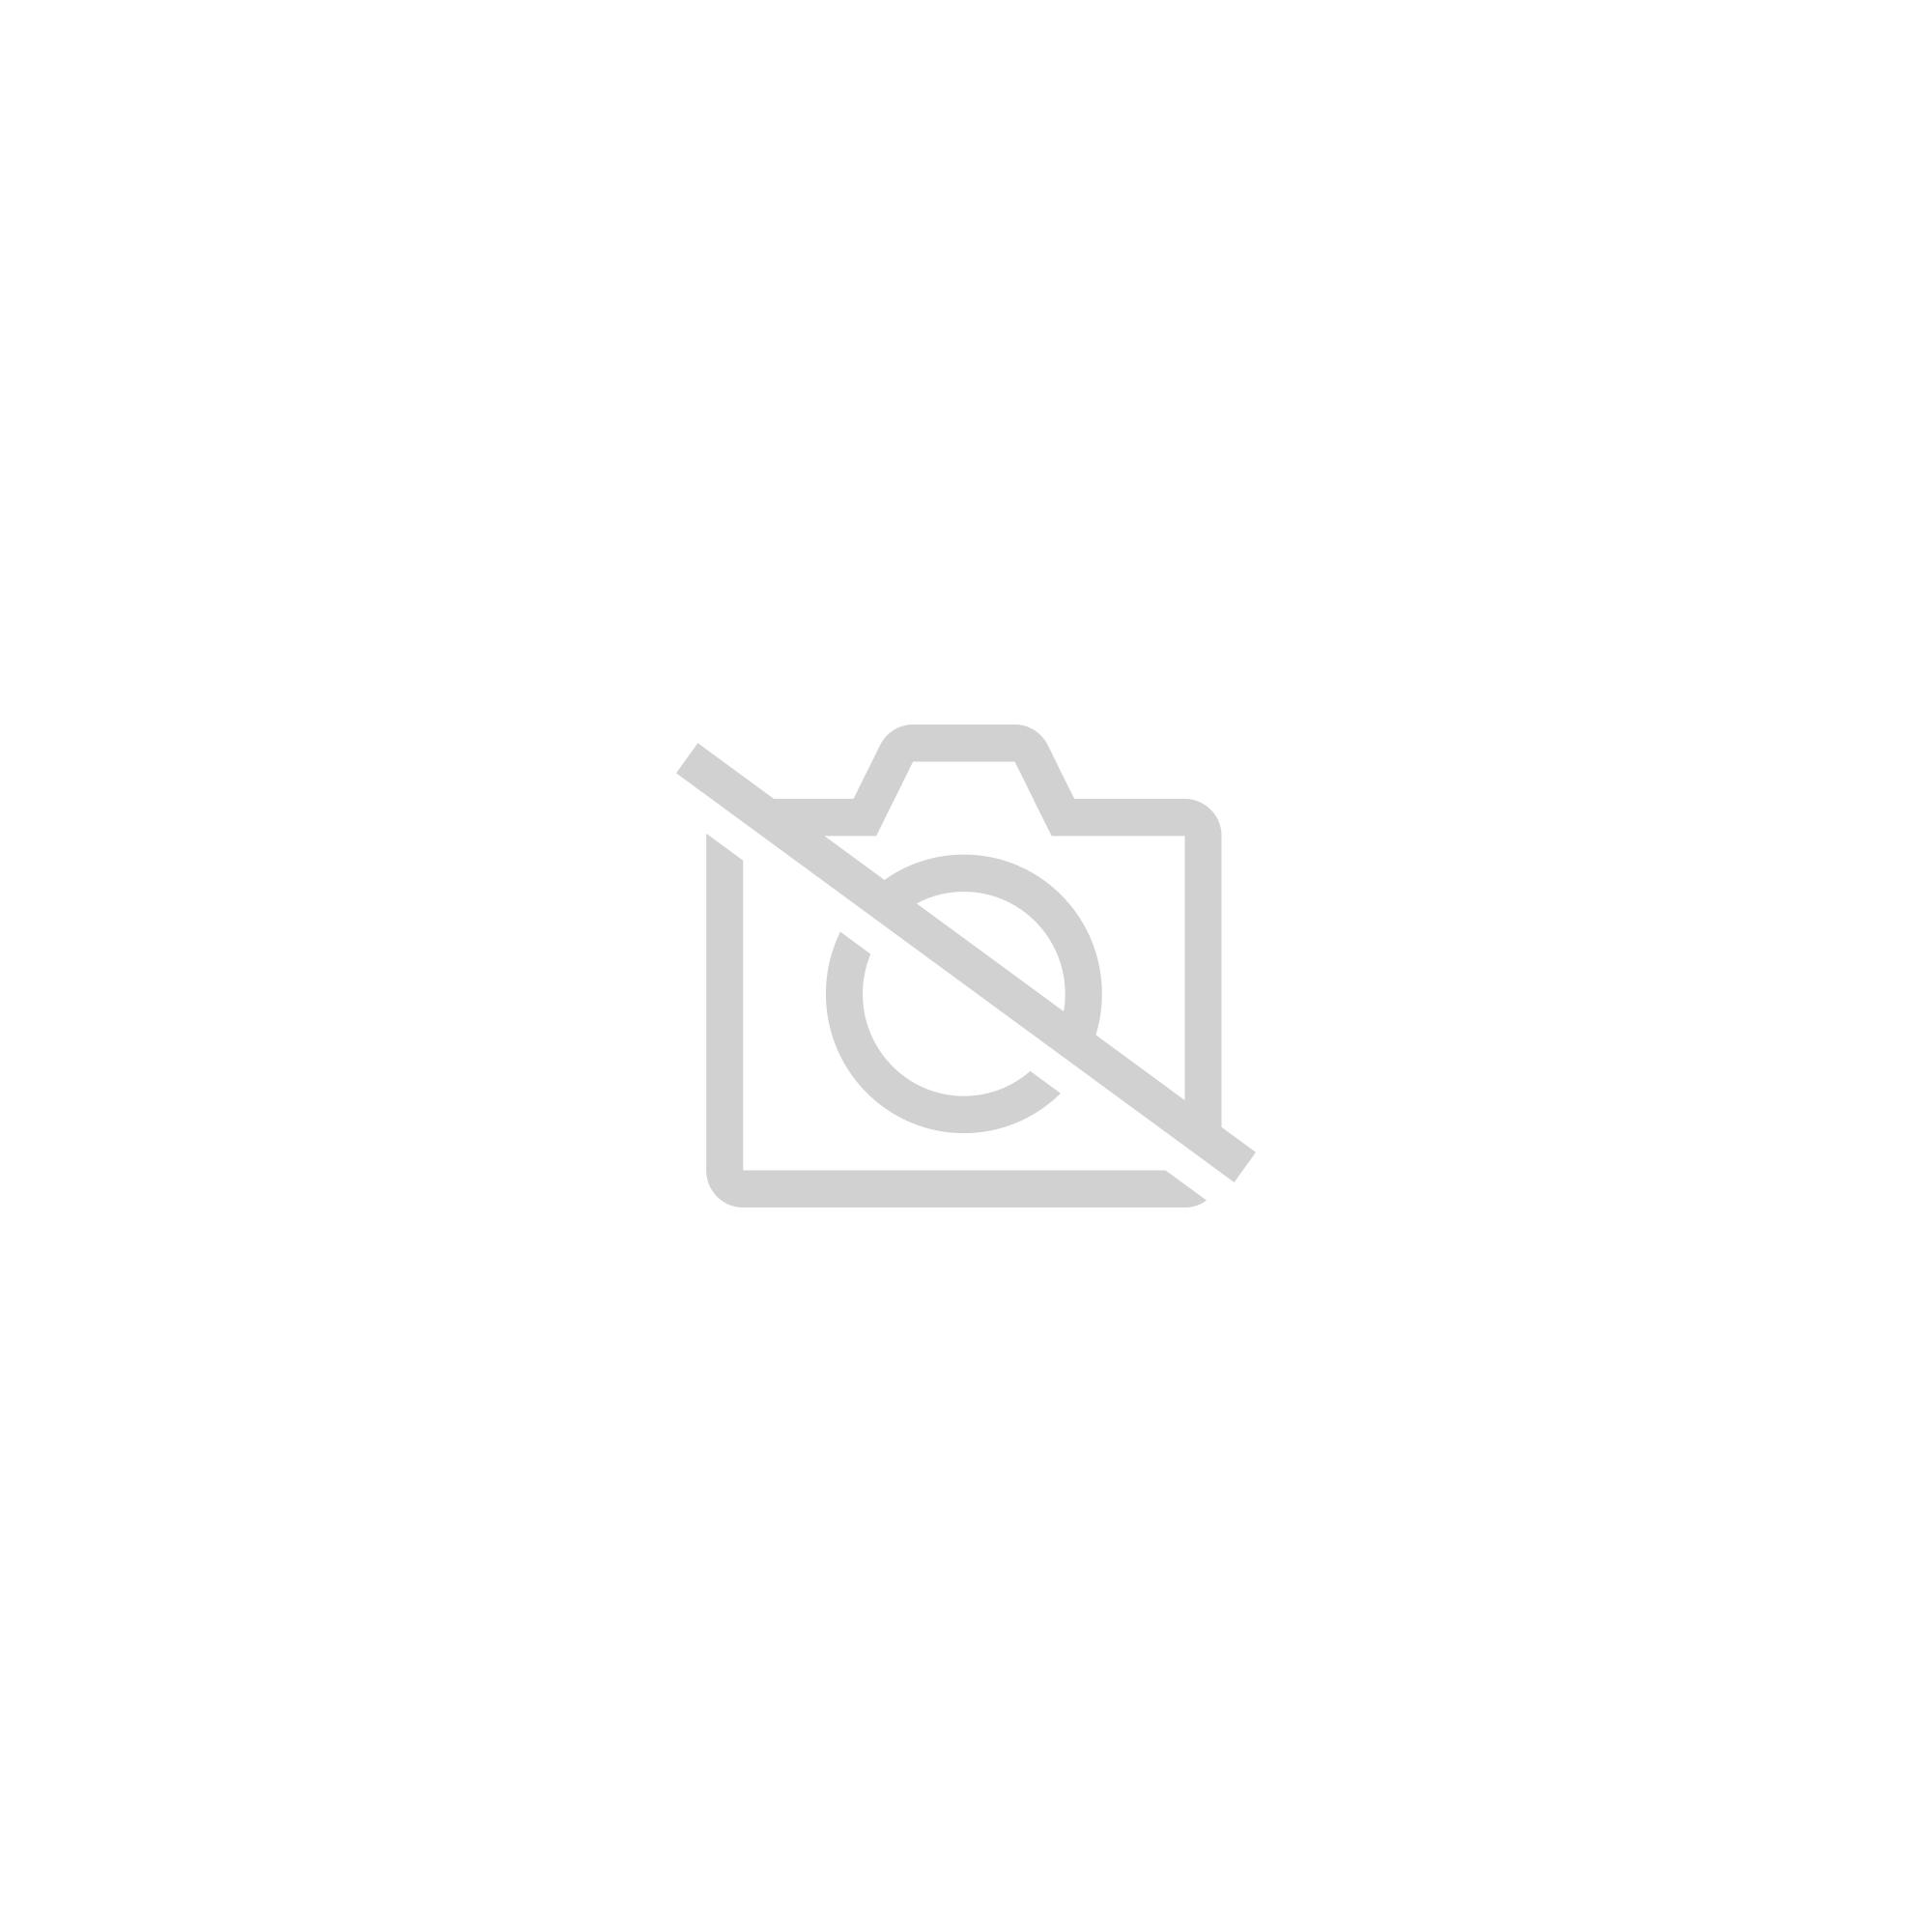 BONNET tricoté maille BLANC AVEC POMPON laine Homme Femme Enfant Fille Garçon